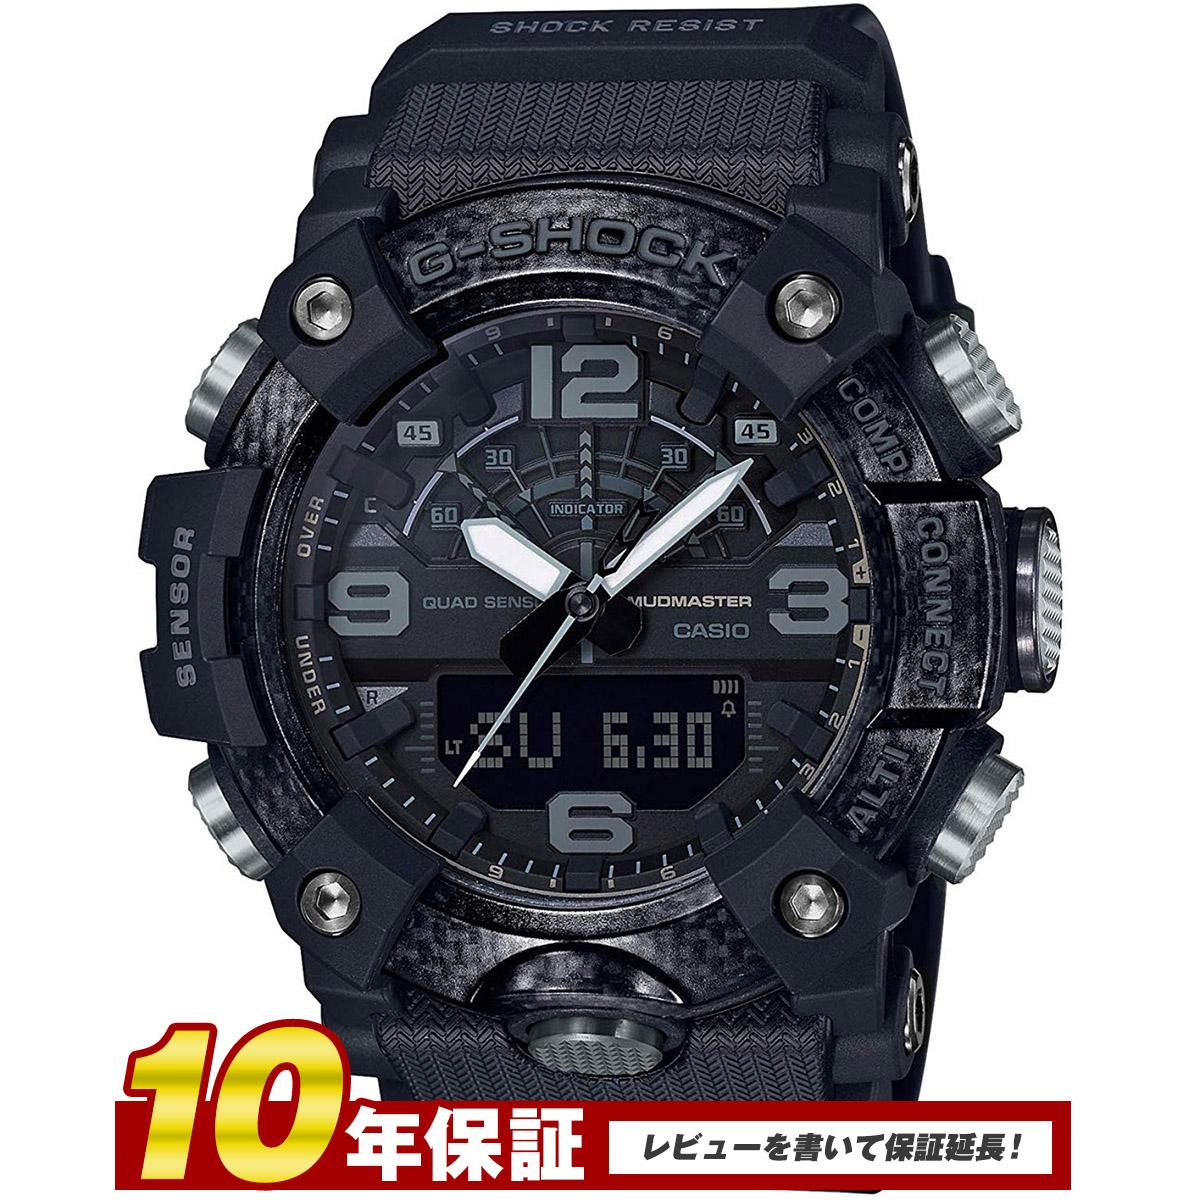 【全品送料無料】 G-SHOCK カシオ Gショック マッドマスター CASIO 腕時計 メンズ MASTER OF G Black Out GG-B100-1B